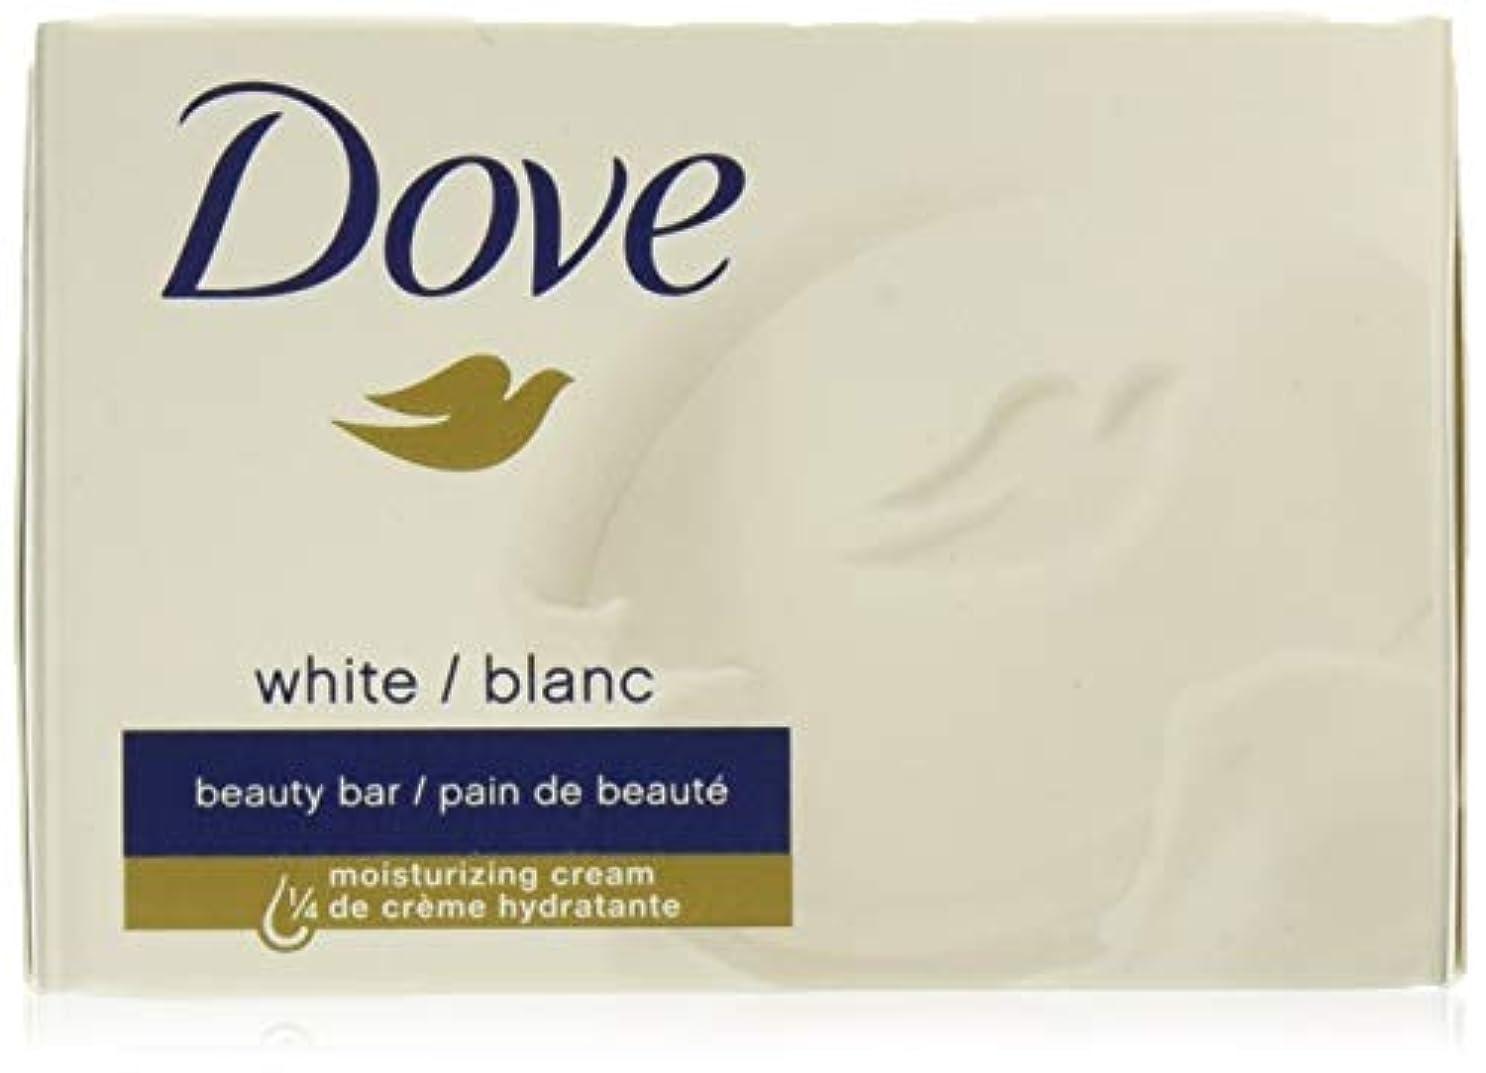 報復するベル家事をする【Dove】ダヴ 石鹸(ホワイト)アメリカ製 120g ×2個パック